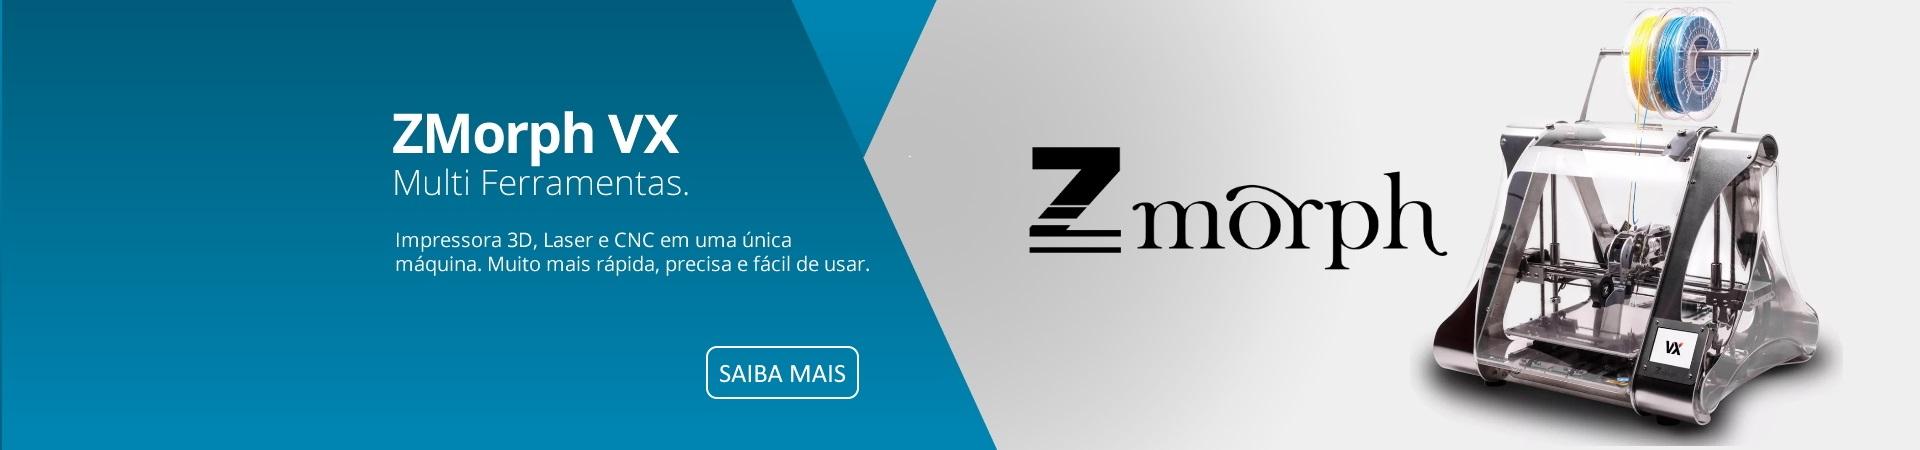 Full Banner - Zmorph